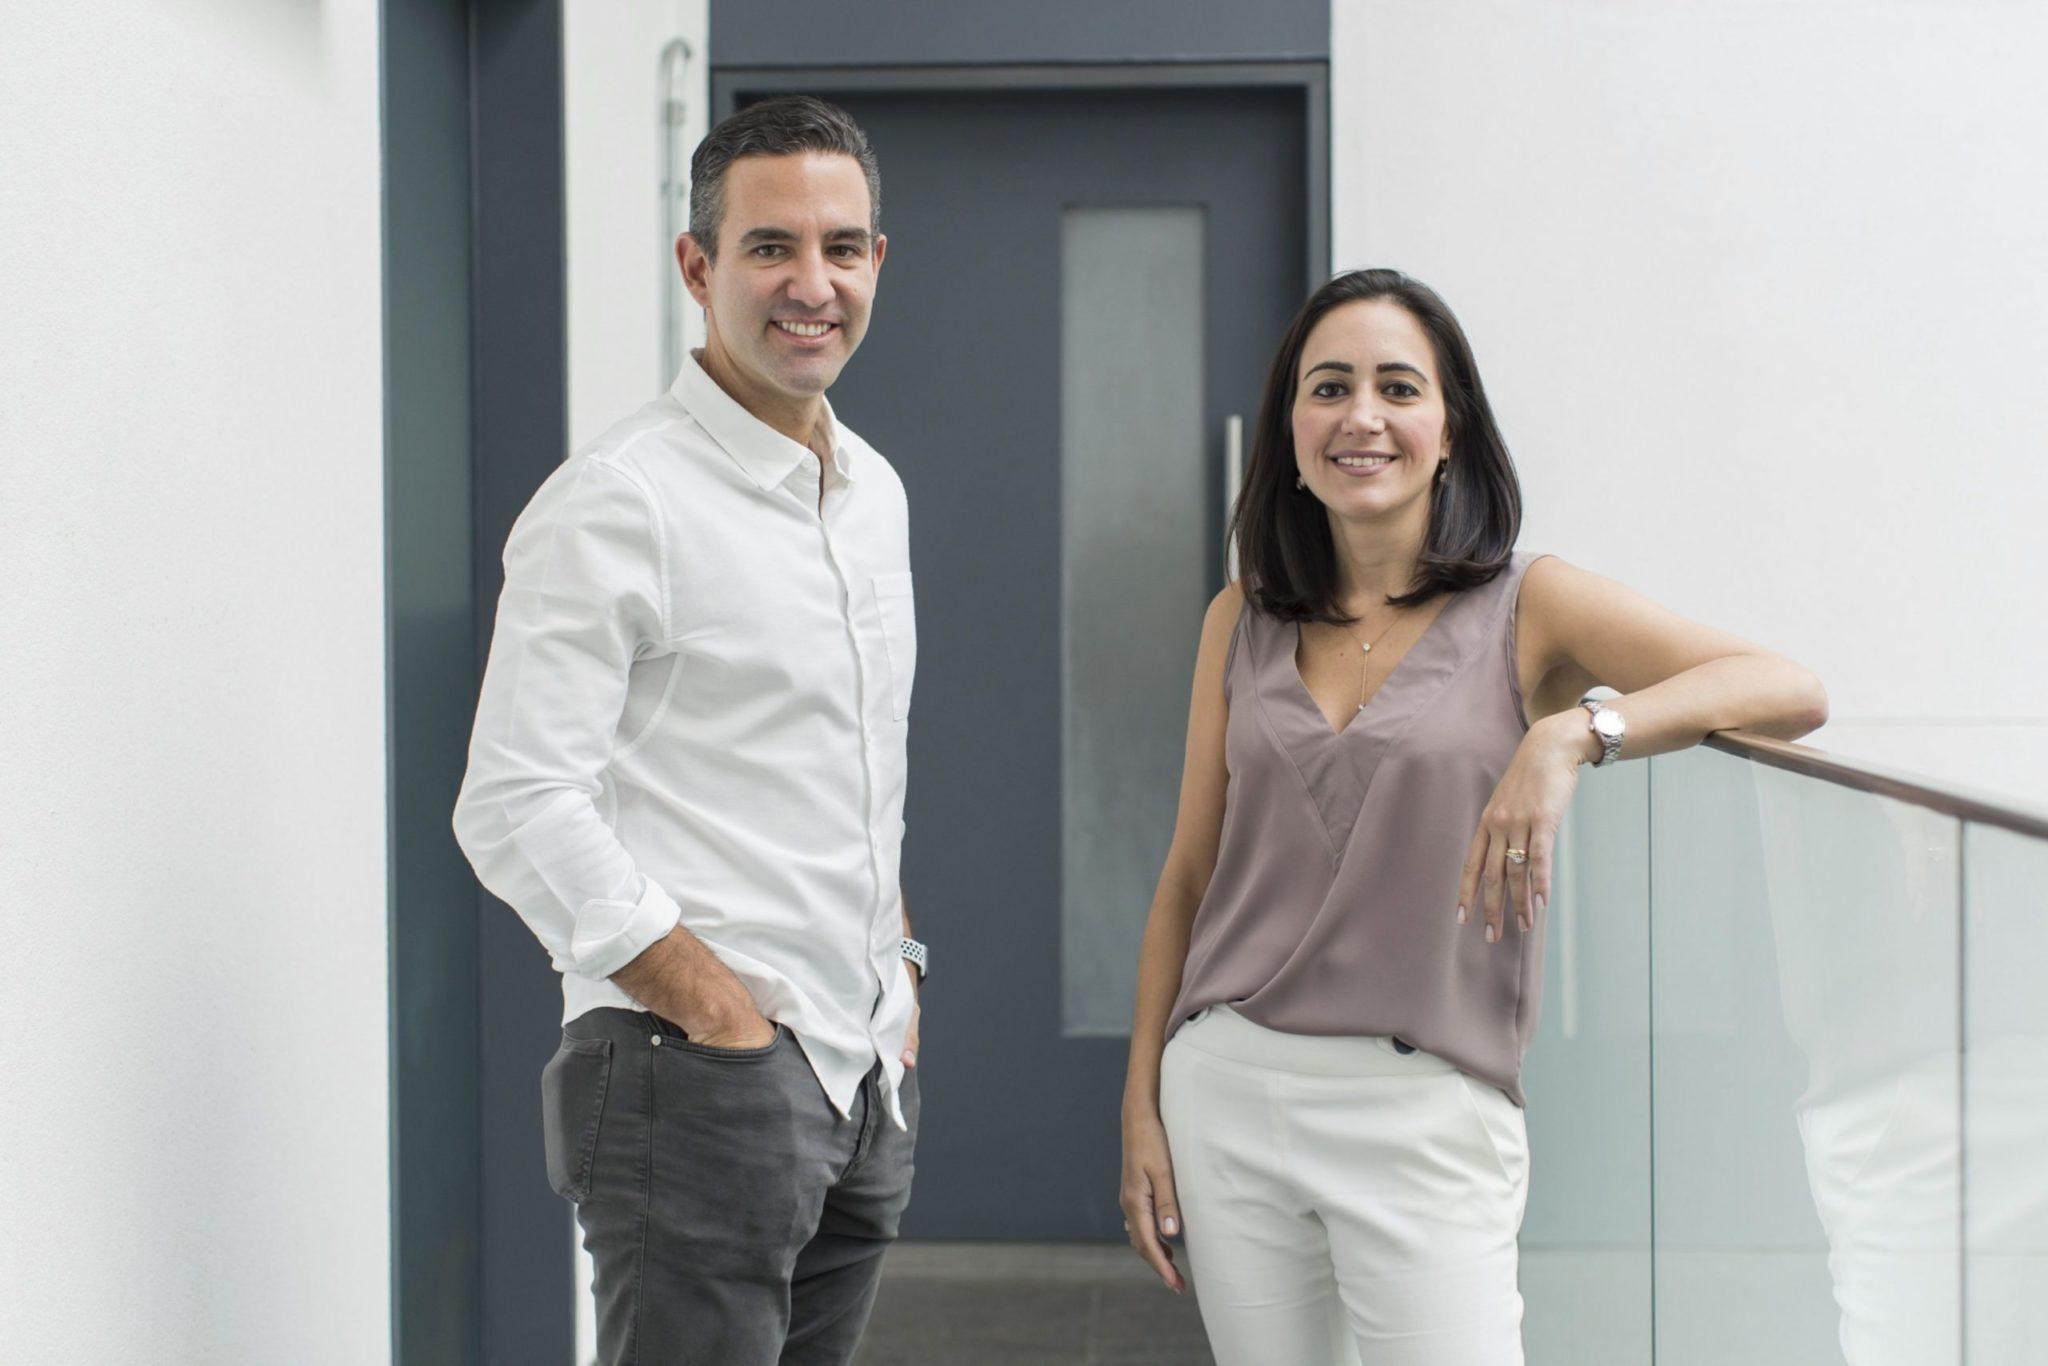 Cris Junqueira e David Velez